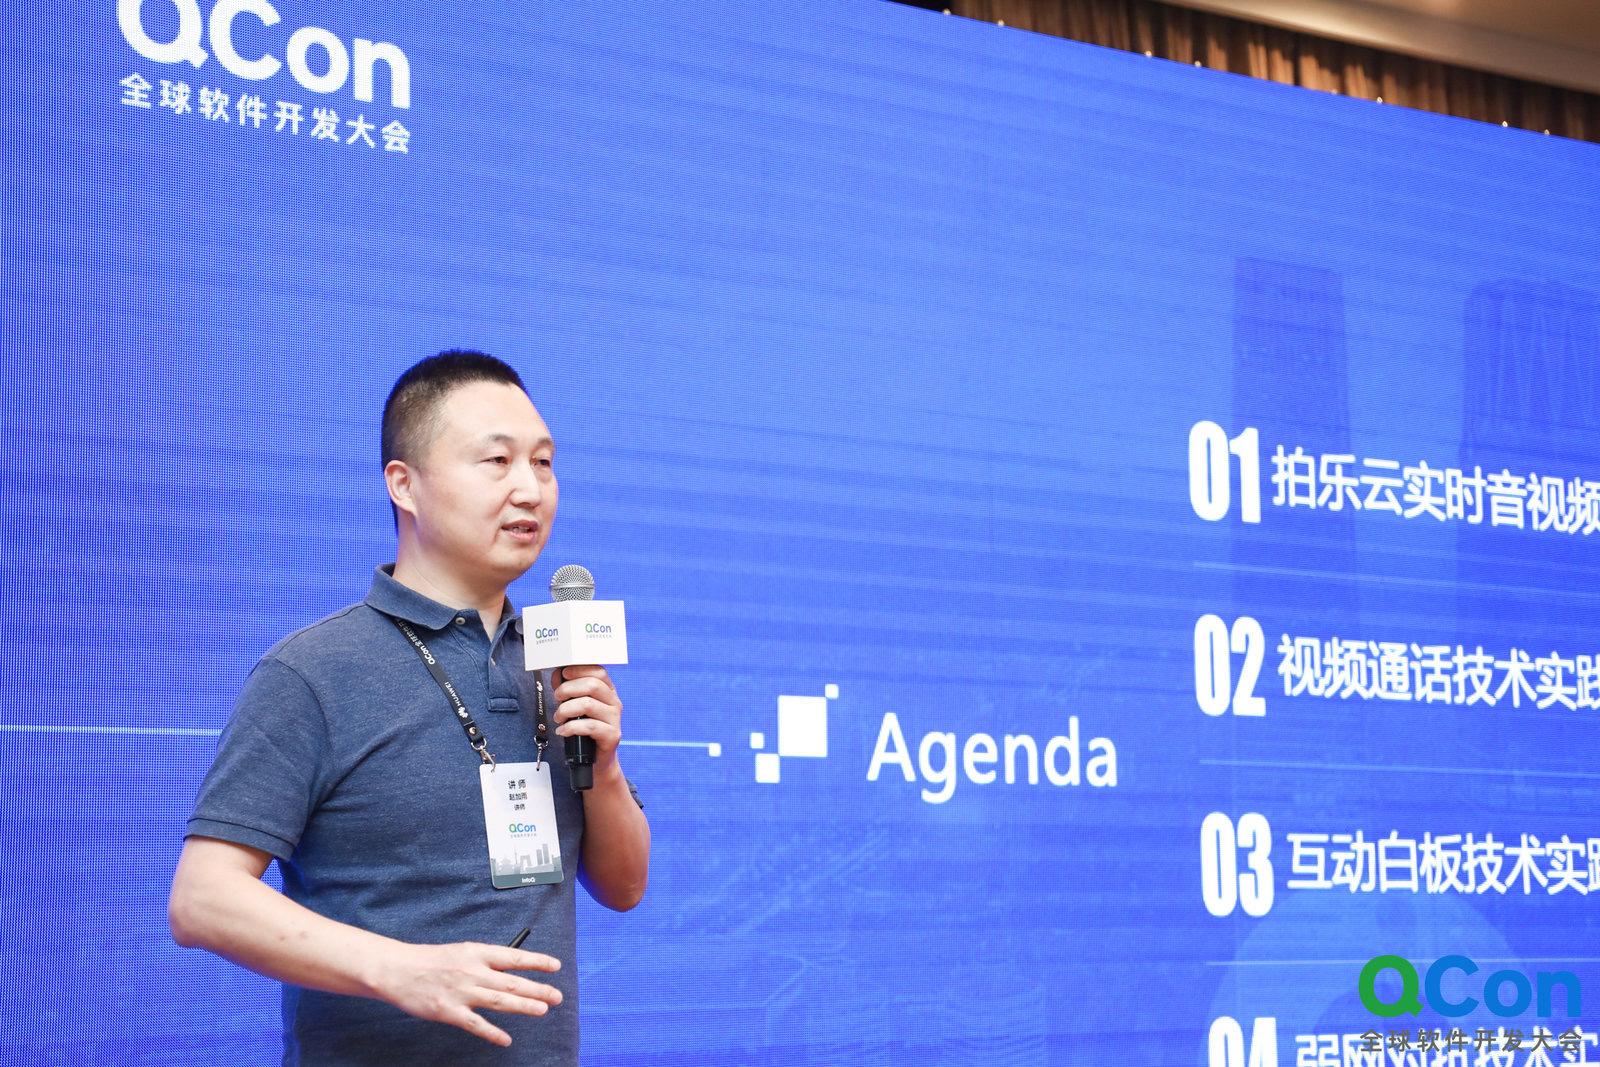 拍乐云受邀QCon大会   详解音视频技术架构实践,首发美术教学音视频方案